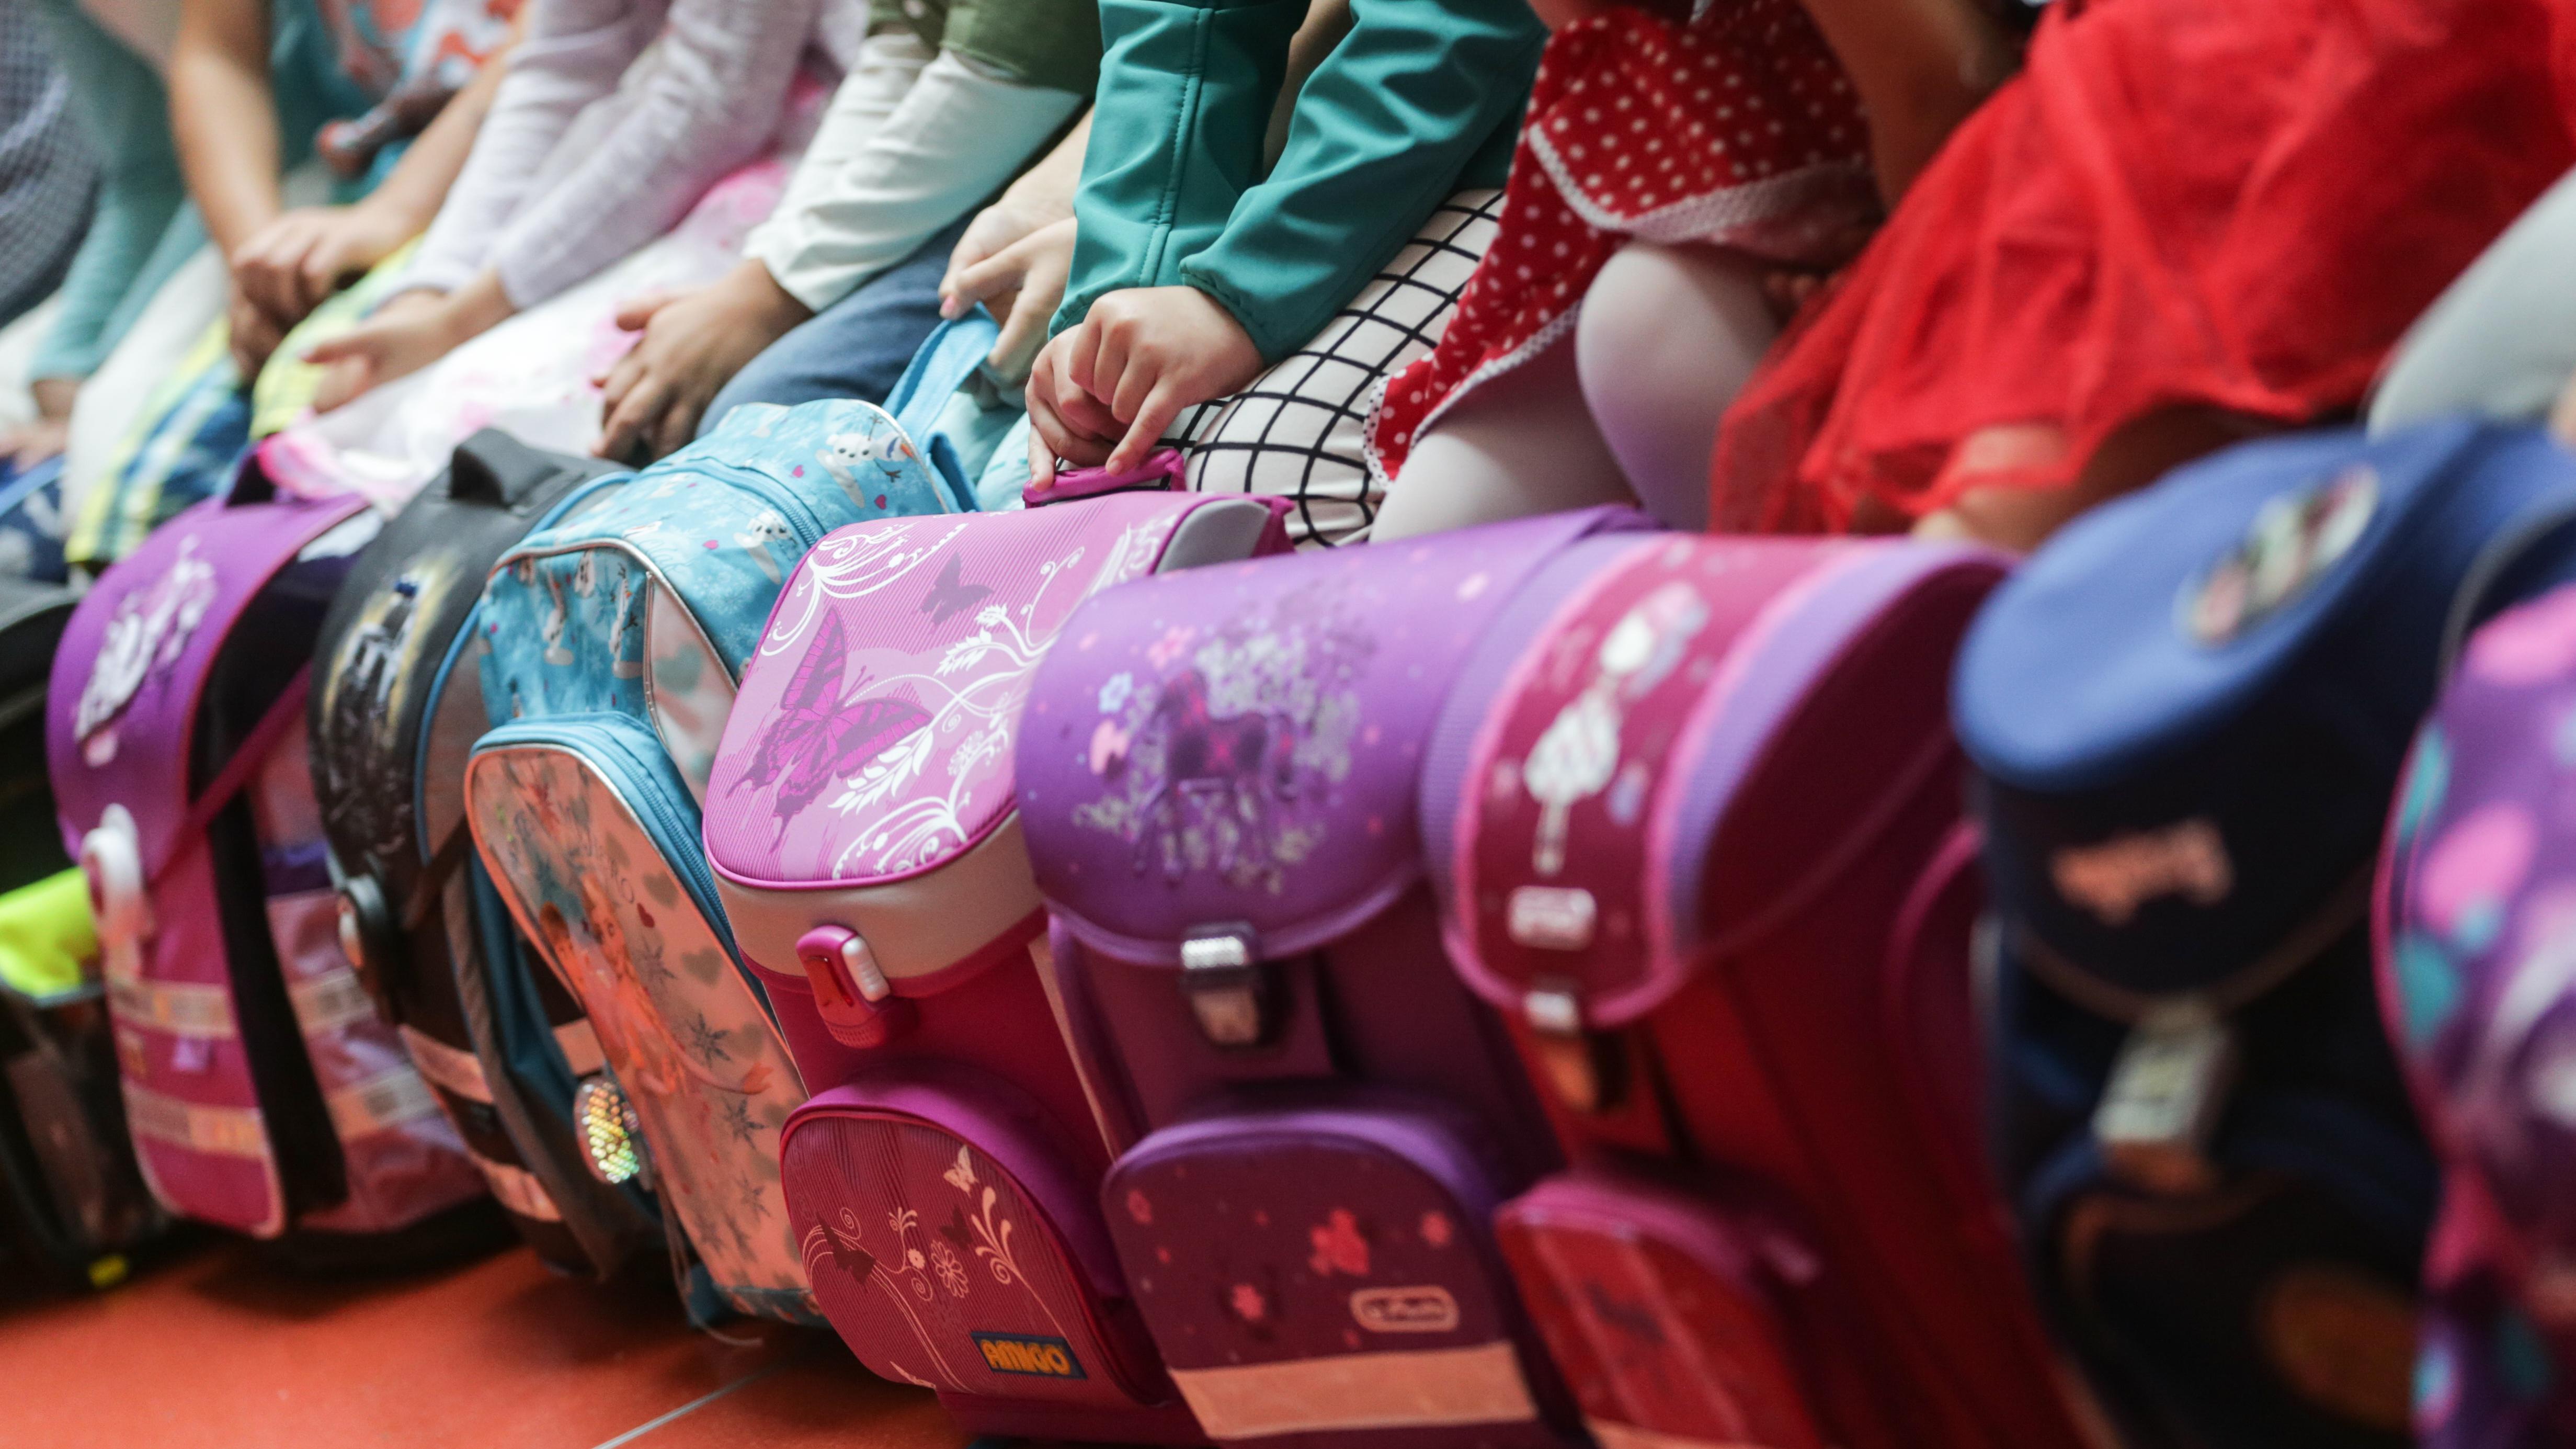 Erstklässler sitzen bei der Einschulungsfeier hinter ihren Schulranzen.